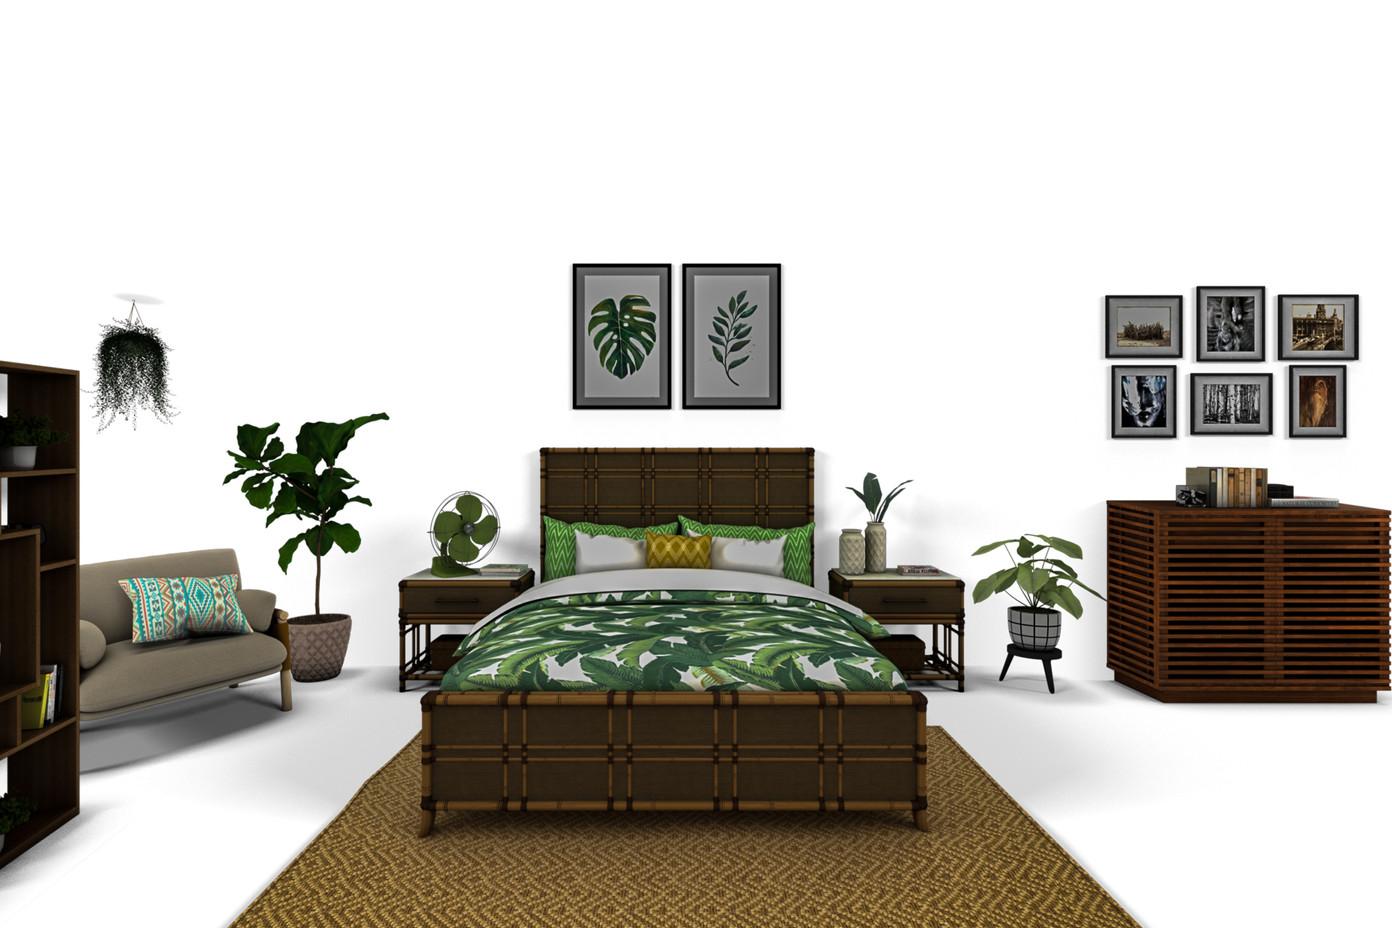 Bedroom Bohemian 2.jpg